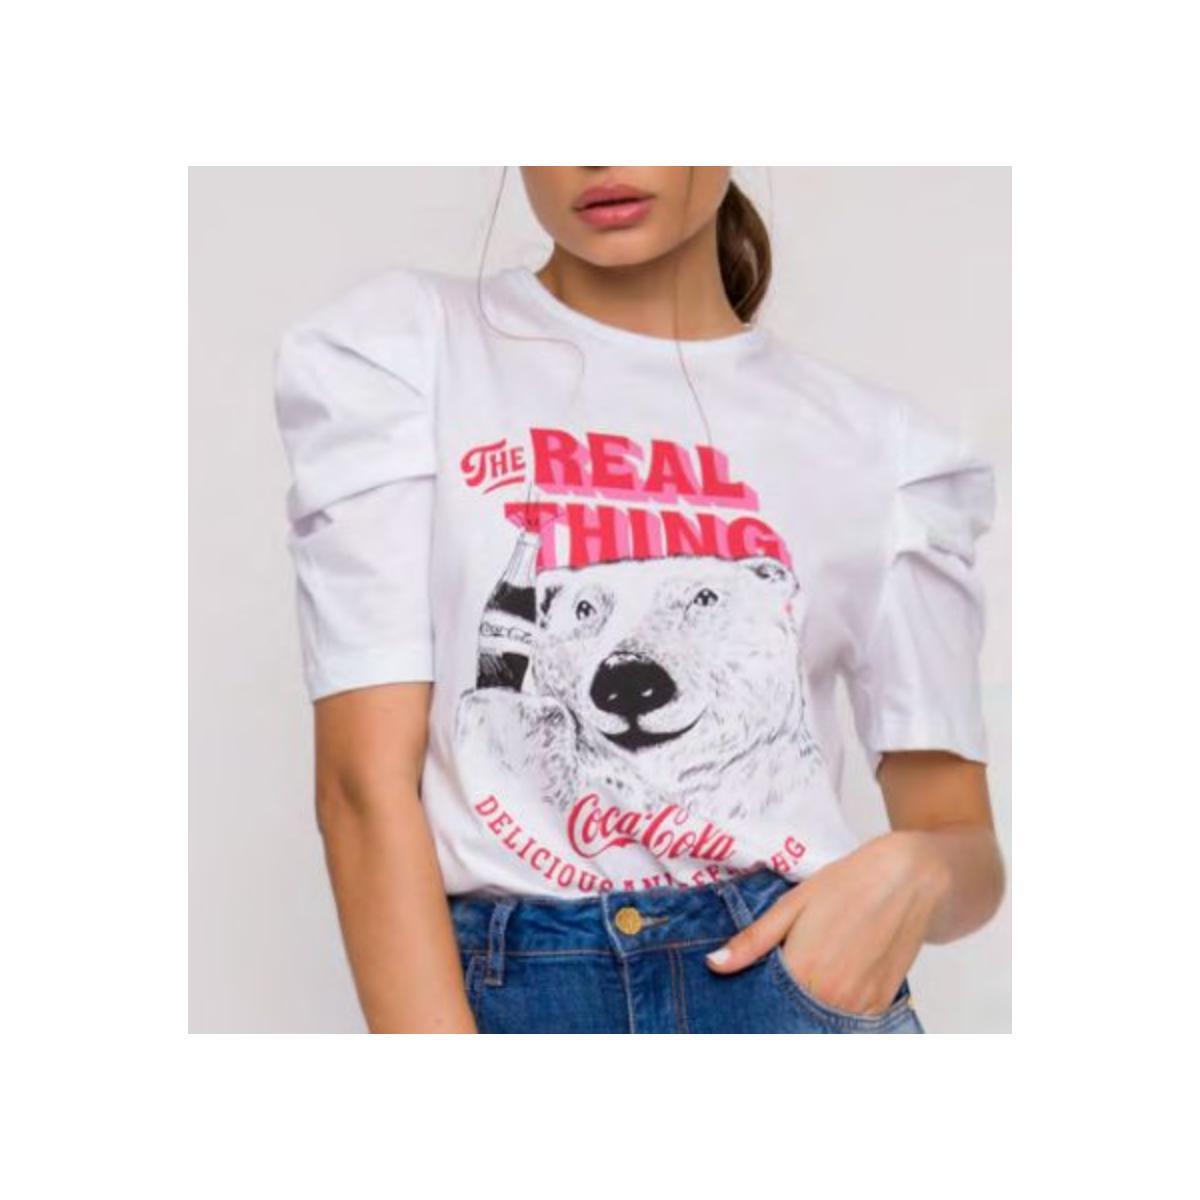 Camiseta Feminina Coca-cola Clothing 343203370 001 Branco